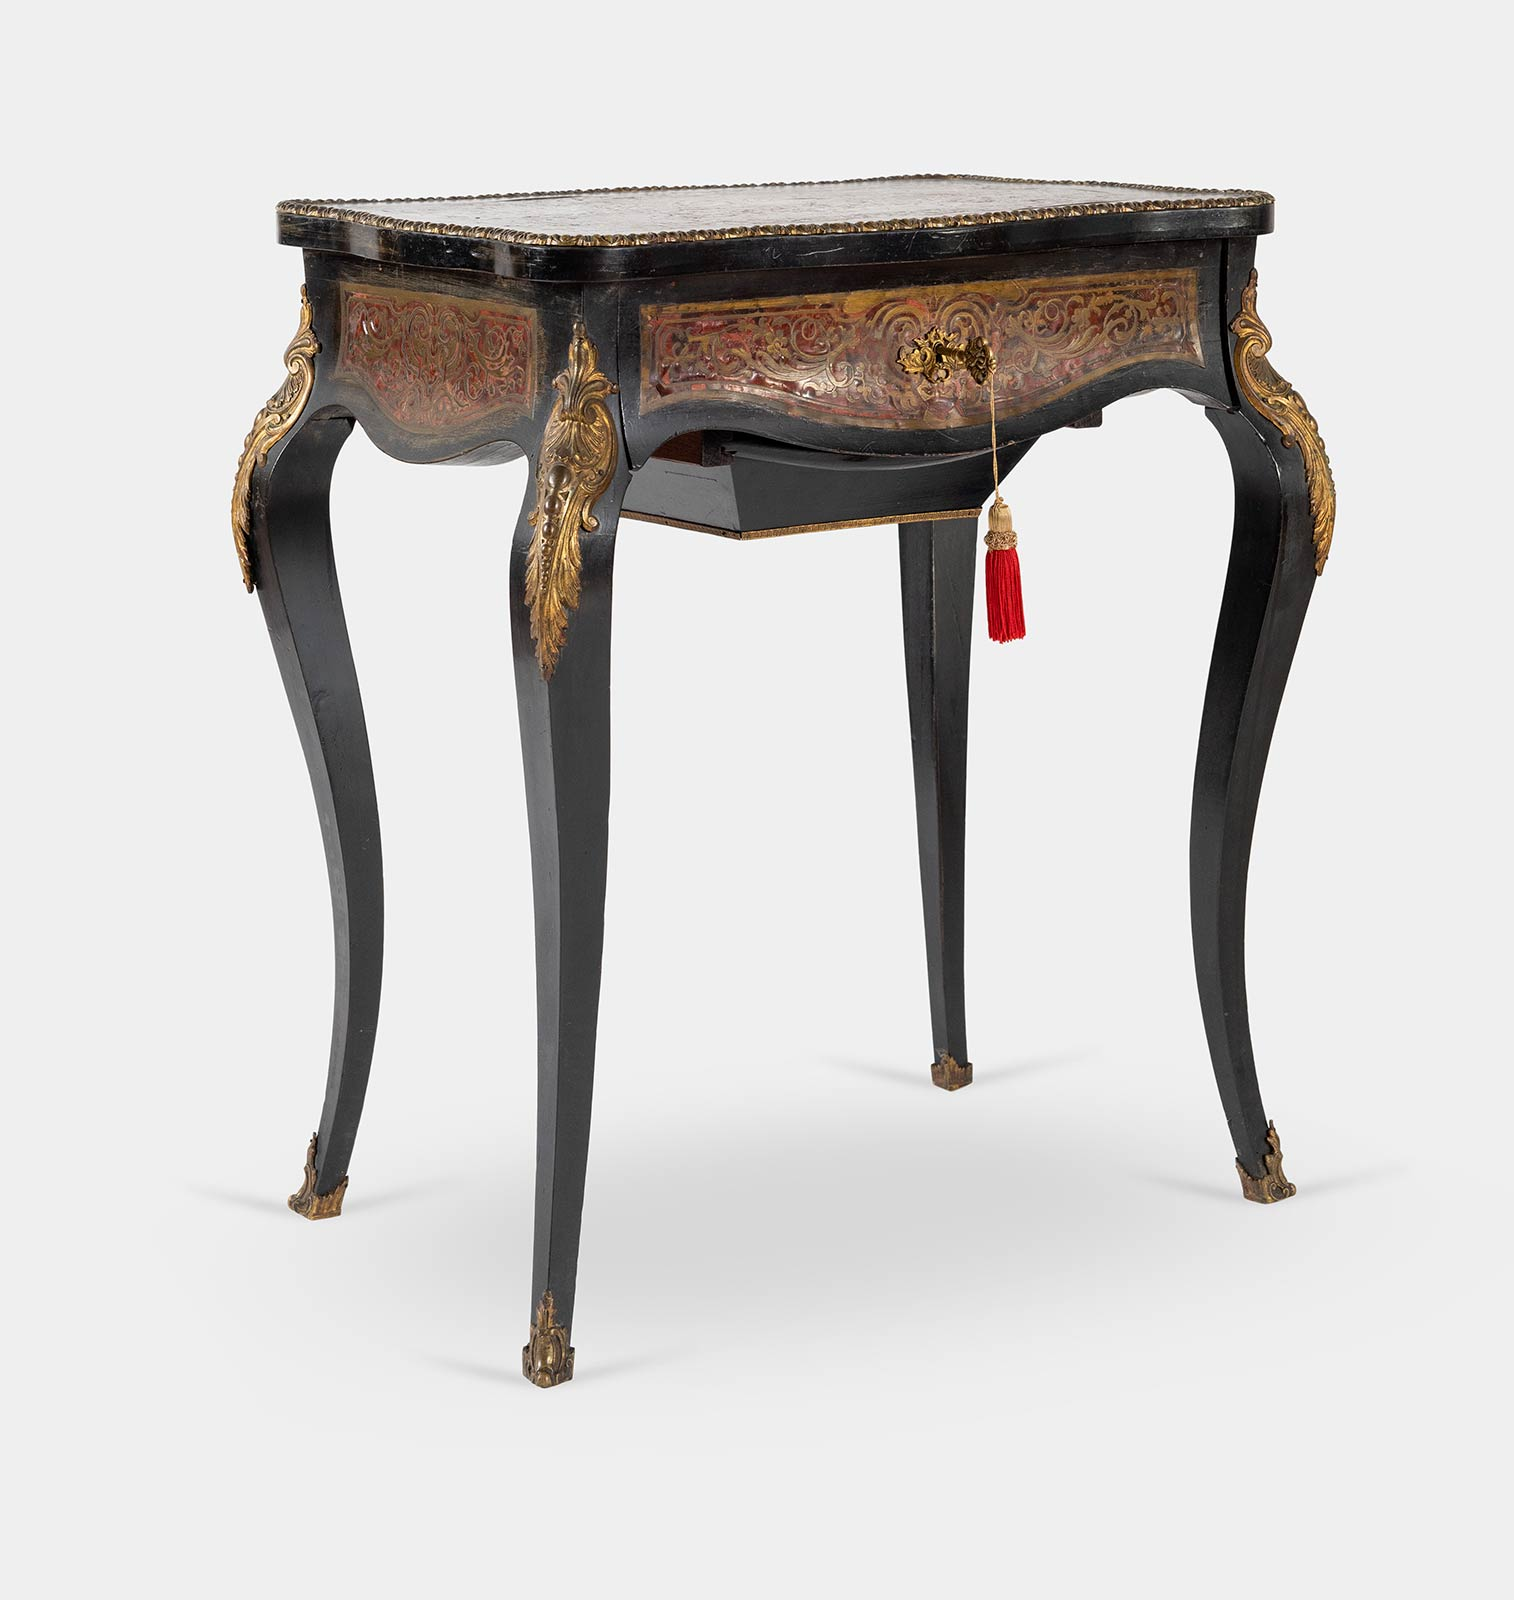 Tavolino in stile Boulle, fine del XIX - inizio del XX sec.